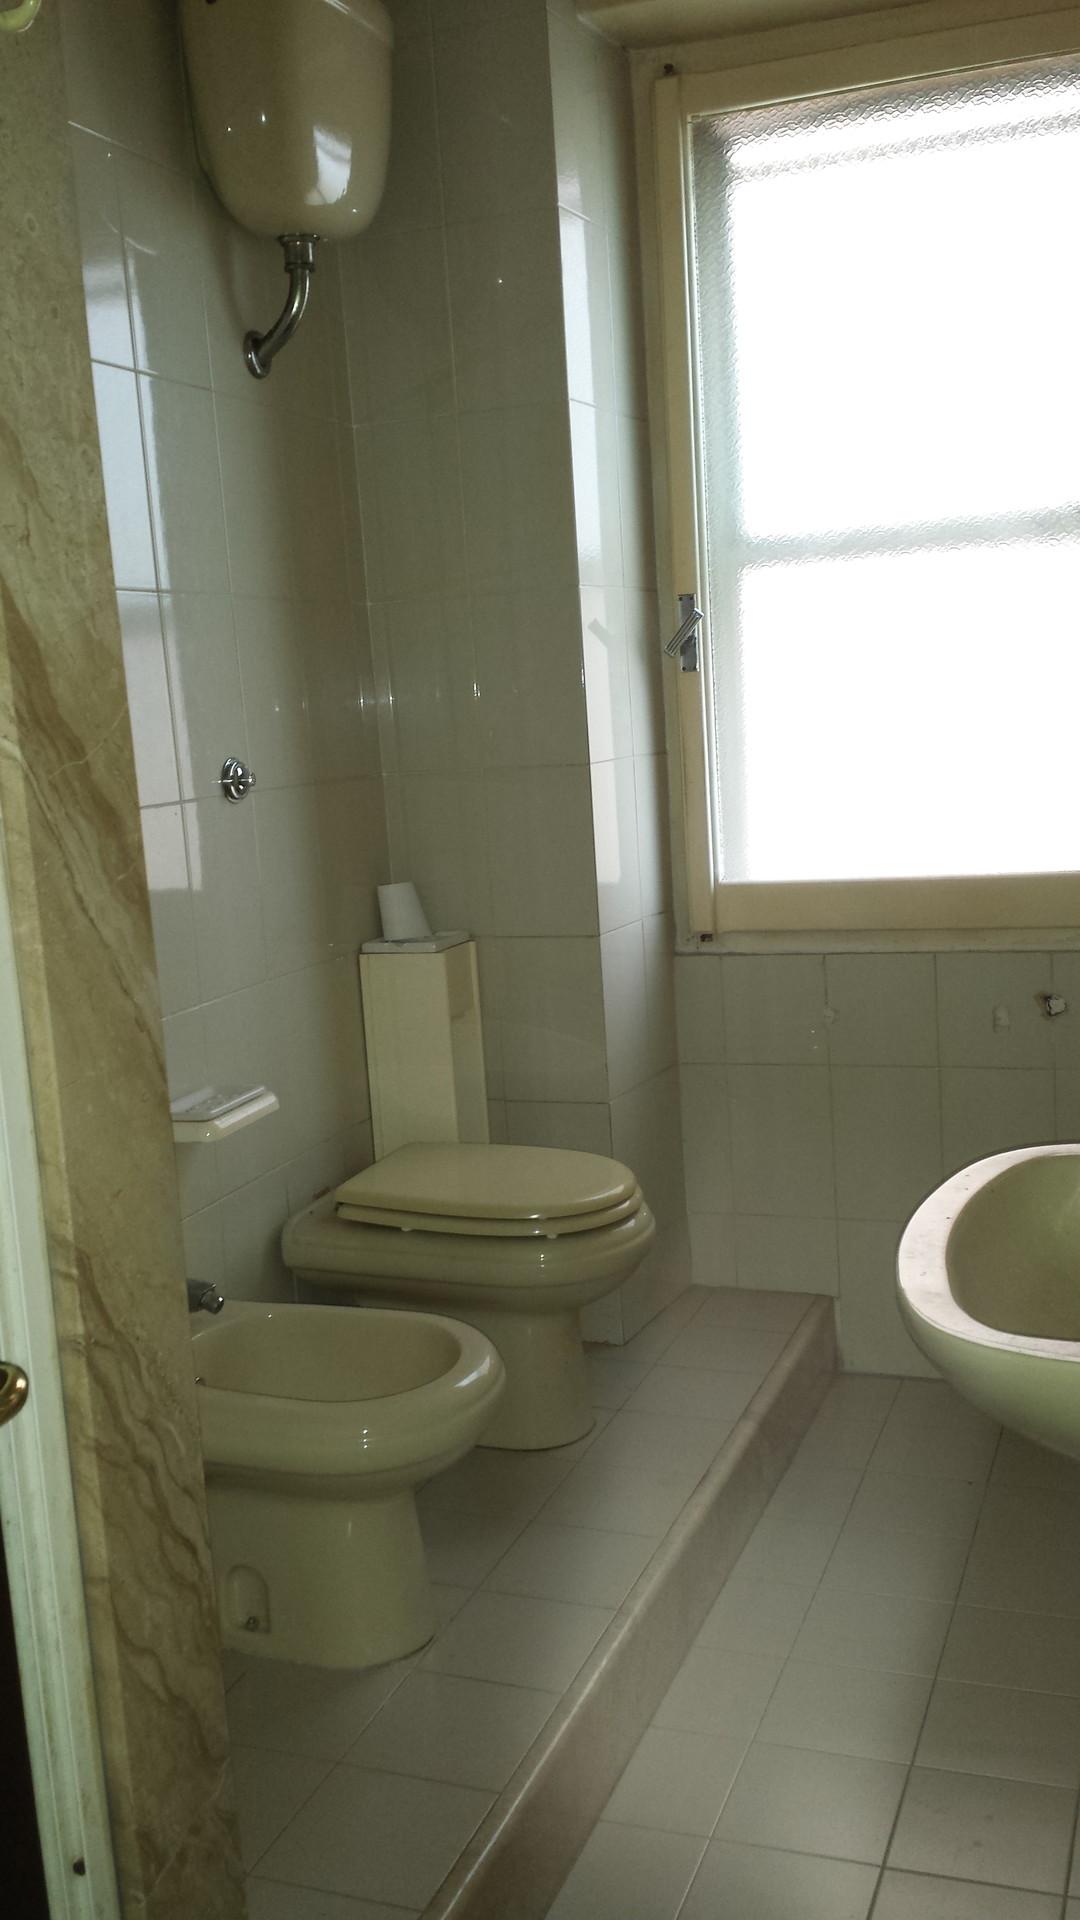 Camera doppia stanze in affitto cagliari for Appartamenti arredati in affitto cagliari